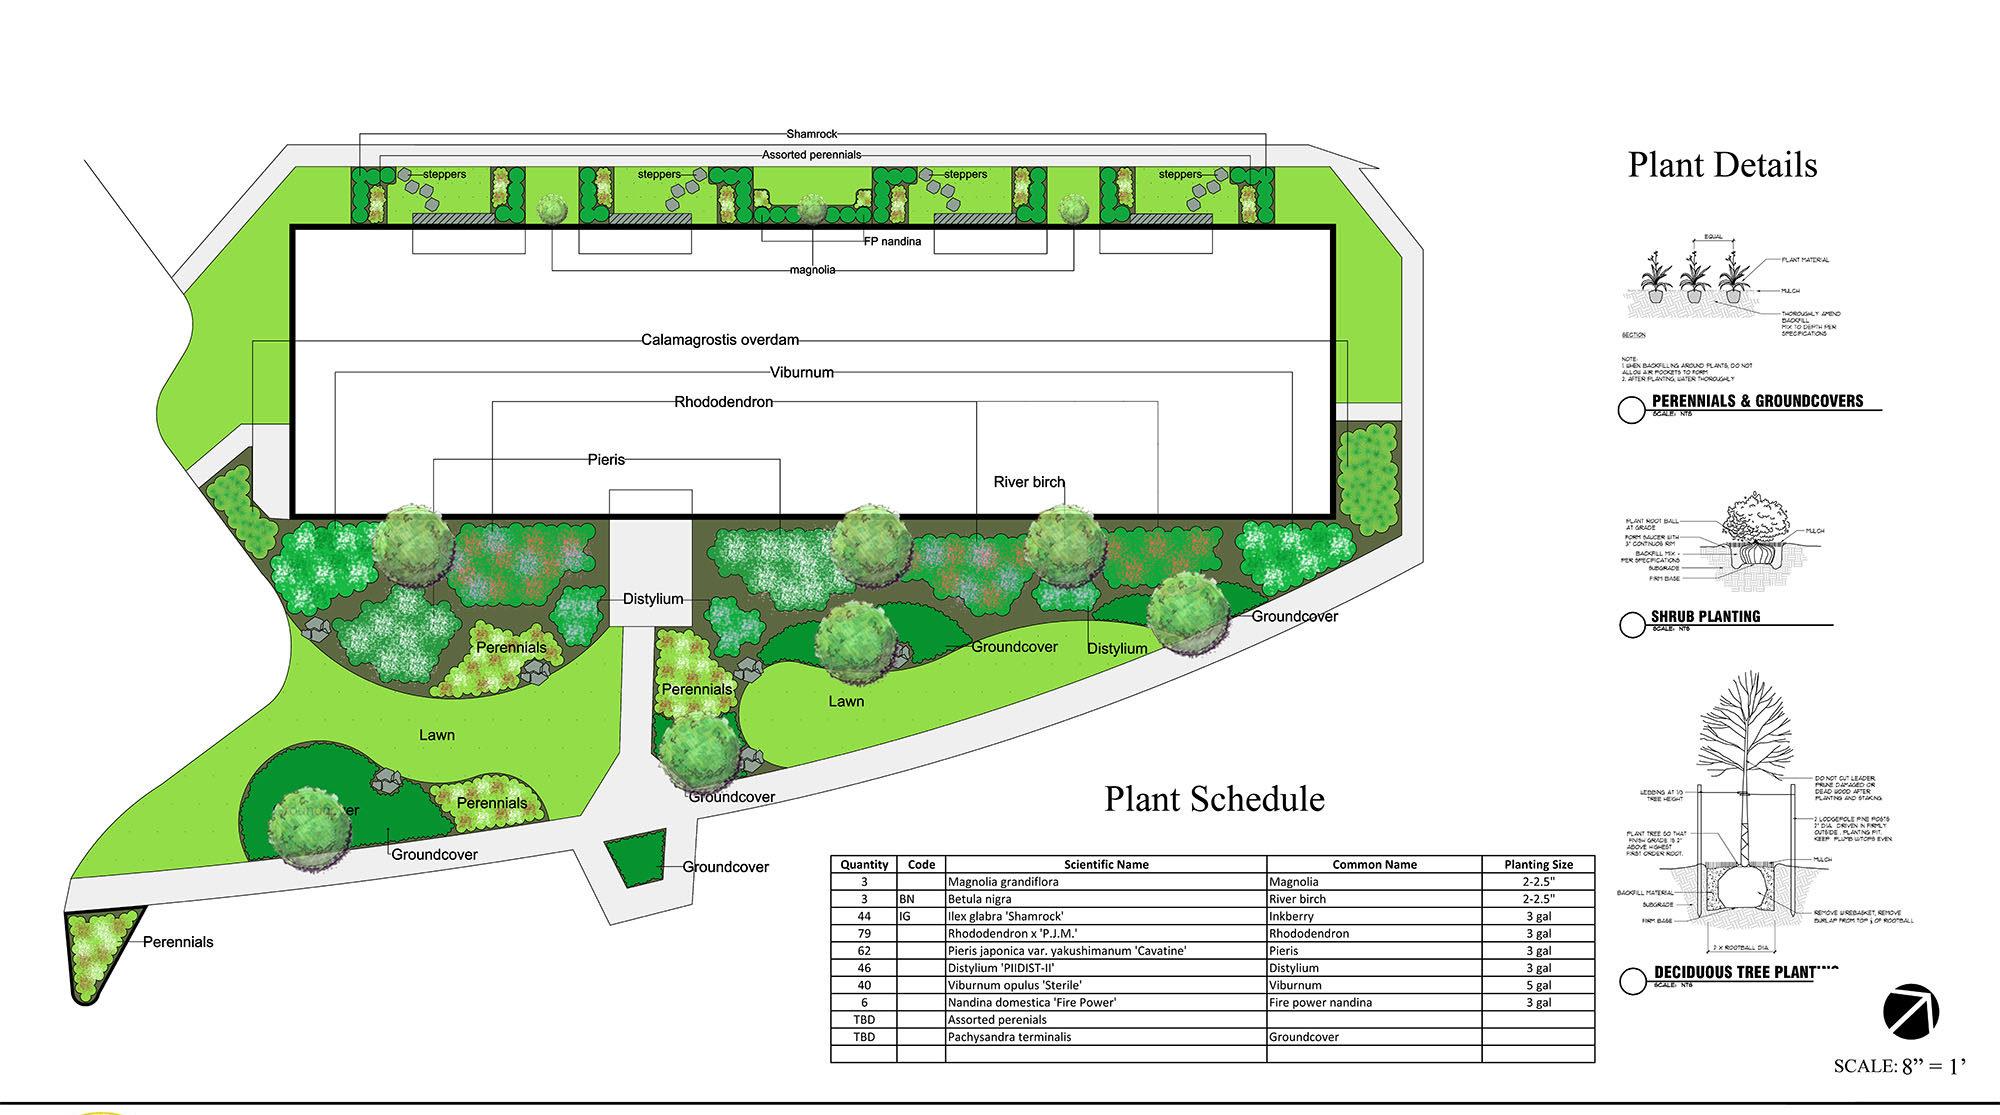 commercial landscape design 2 - md, dc, va